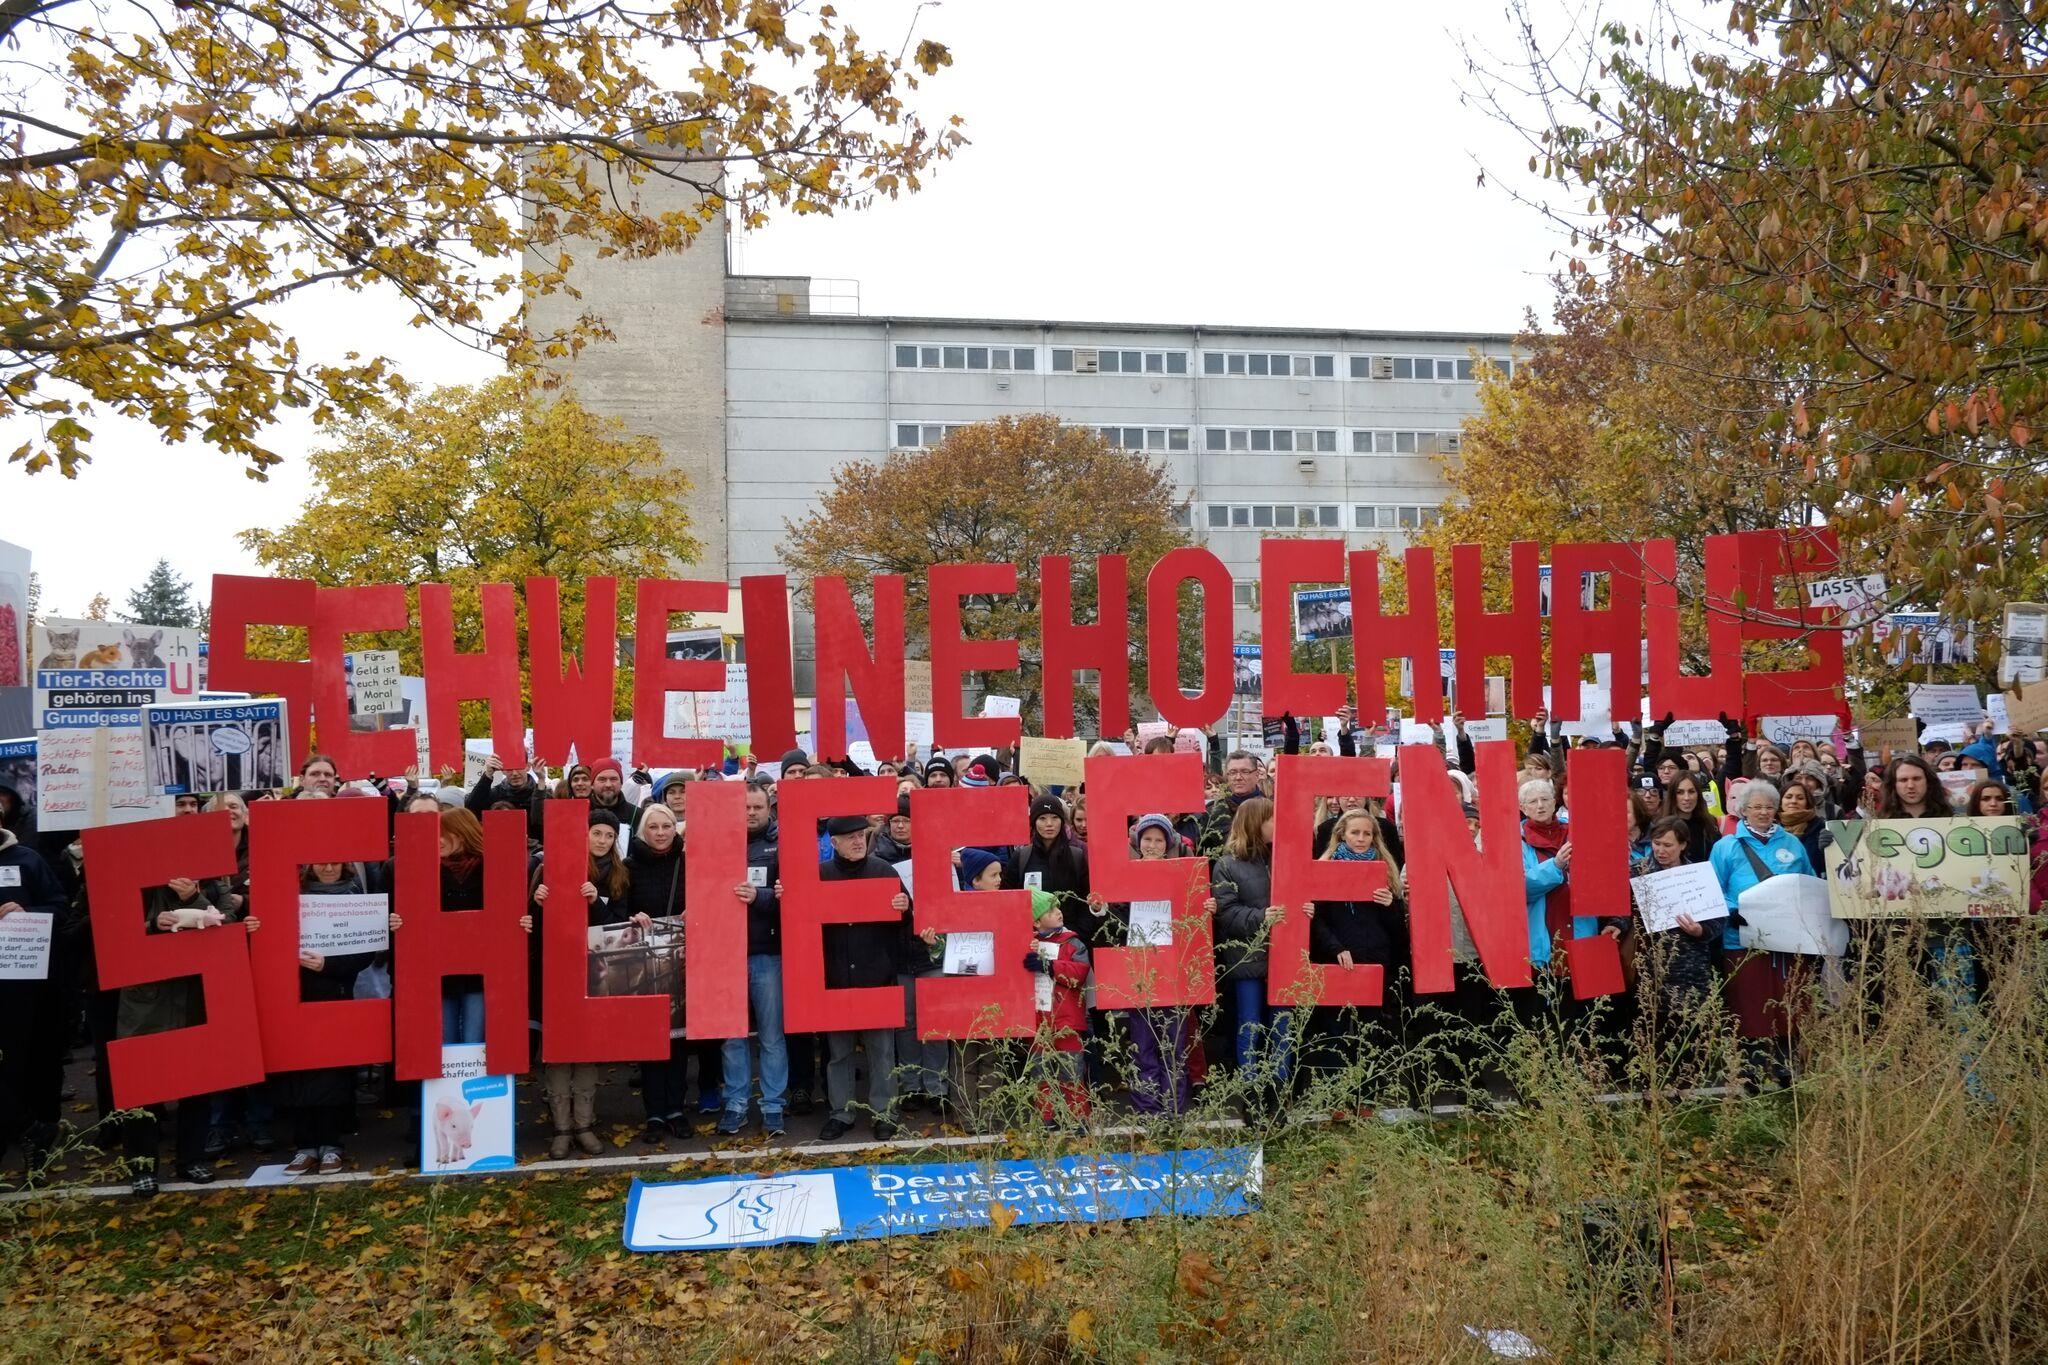 Hunderte Menschen demonstrieren vor dem Schweinehochhaus gegen Tierquälerei  in Maasdorf.